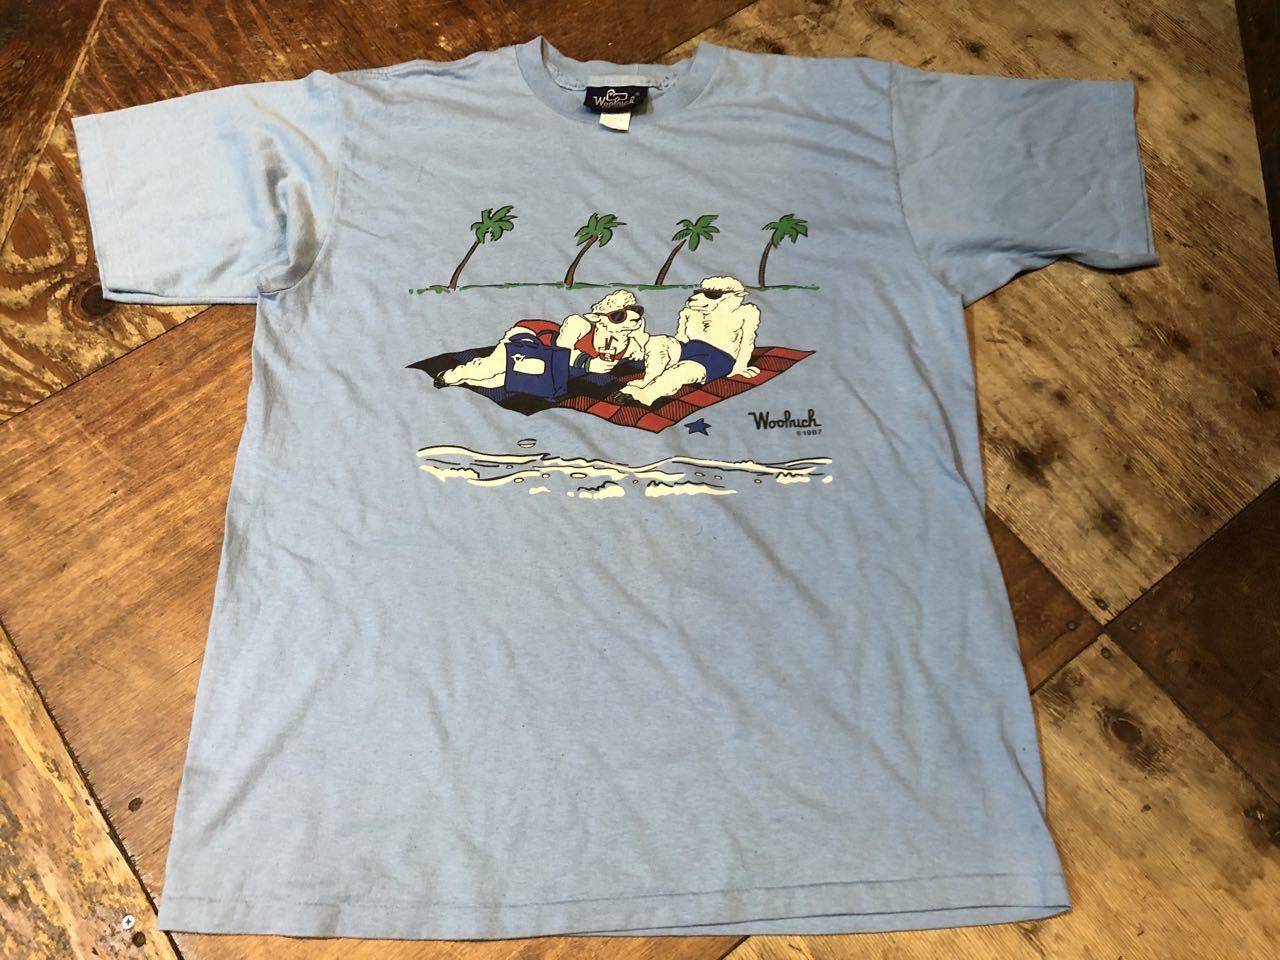 8月1日(土)入荷!80s MADE IN U.S.A  woolrich  ウールリッチ Tシャツ! _c0144020_13264648.jpg